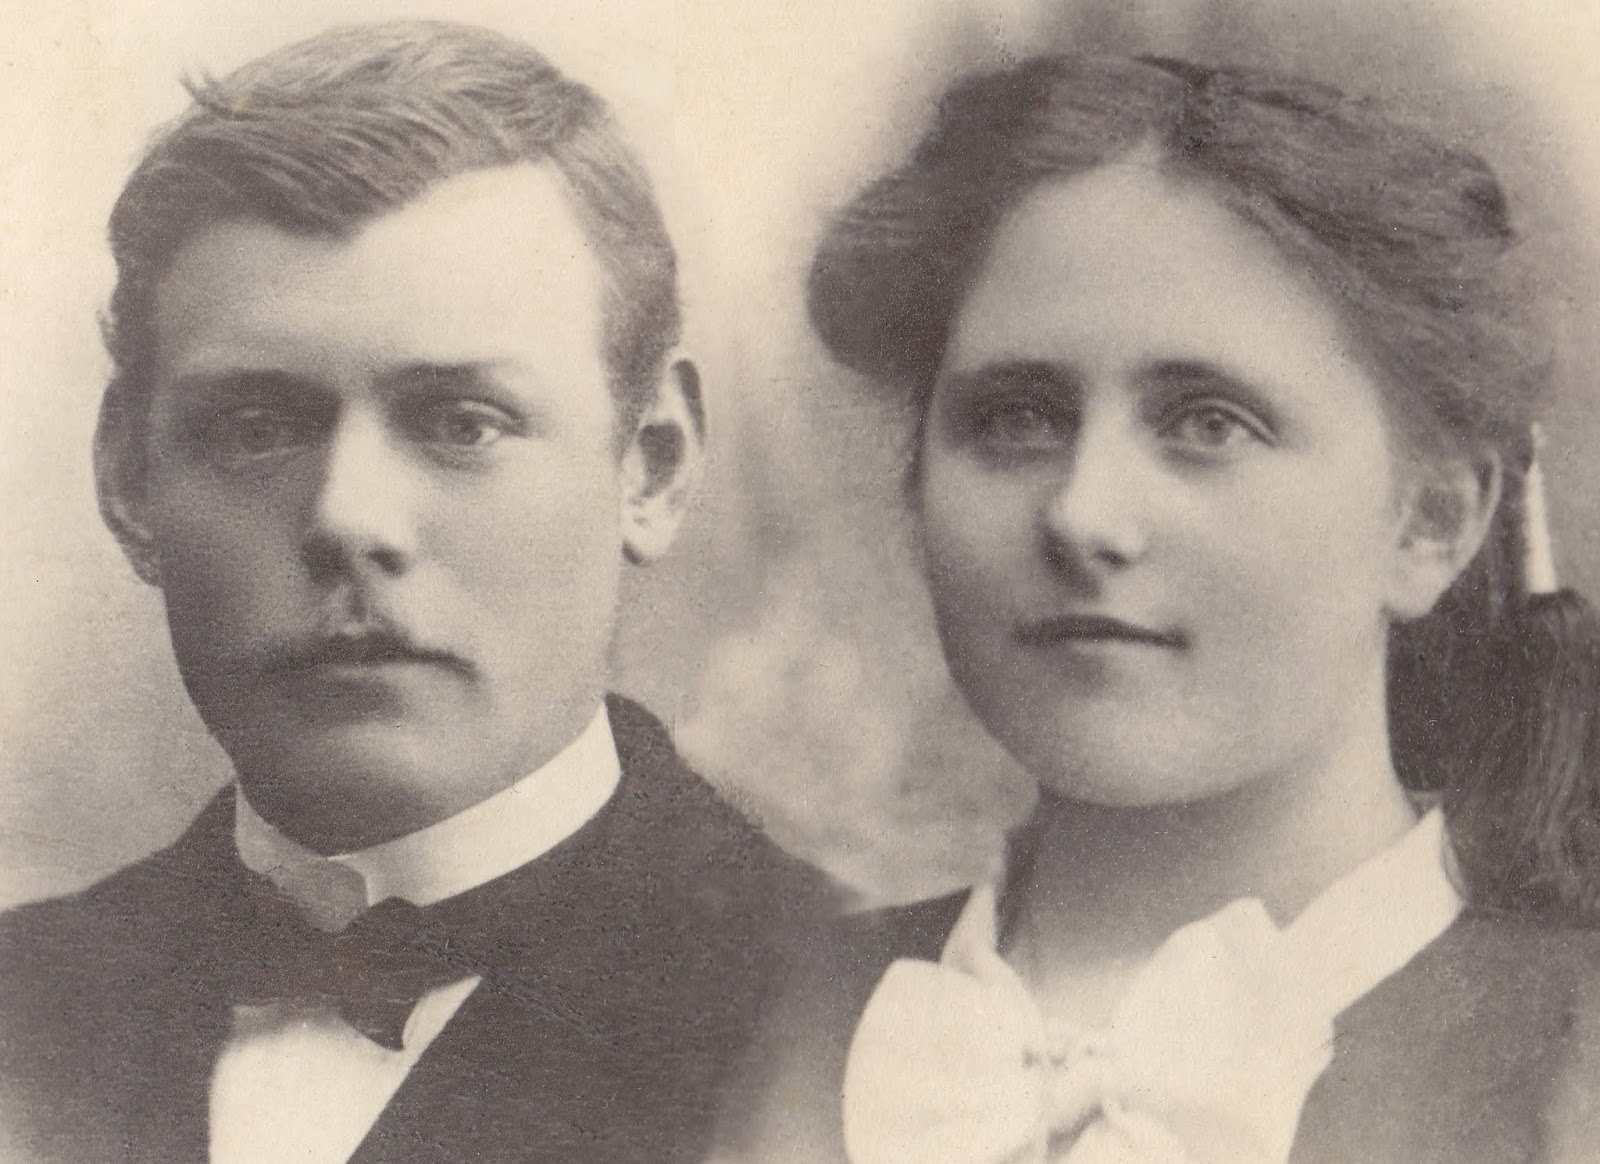 Foreldrar Skúla, Magnús Jónsson og Sigríður Ingibjörg Björnsdóttir